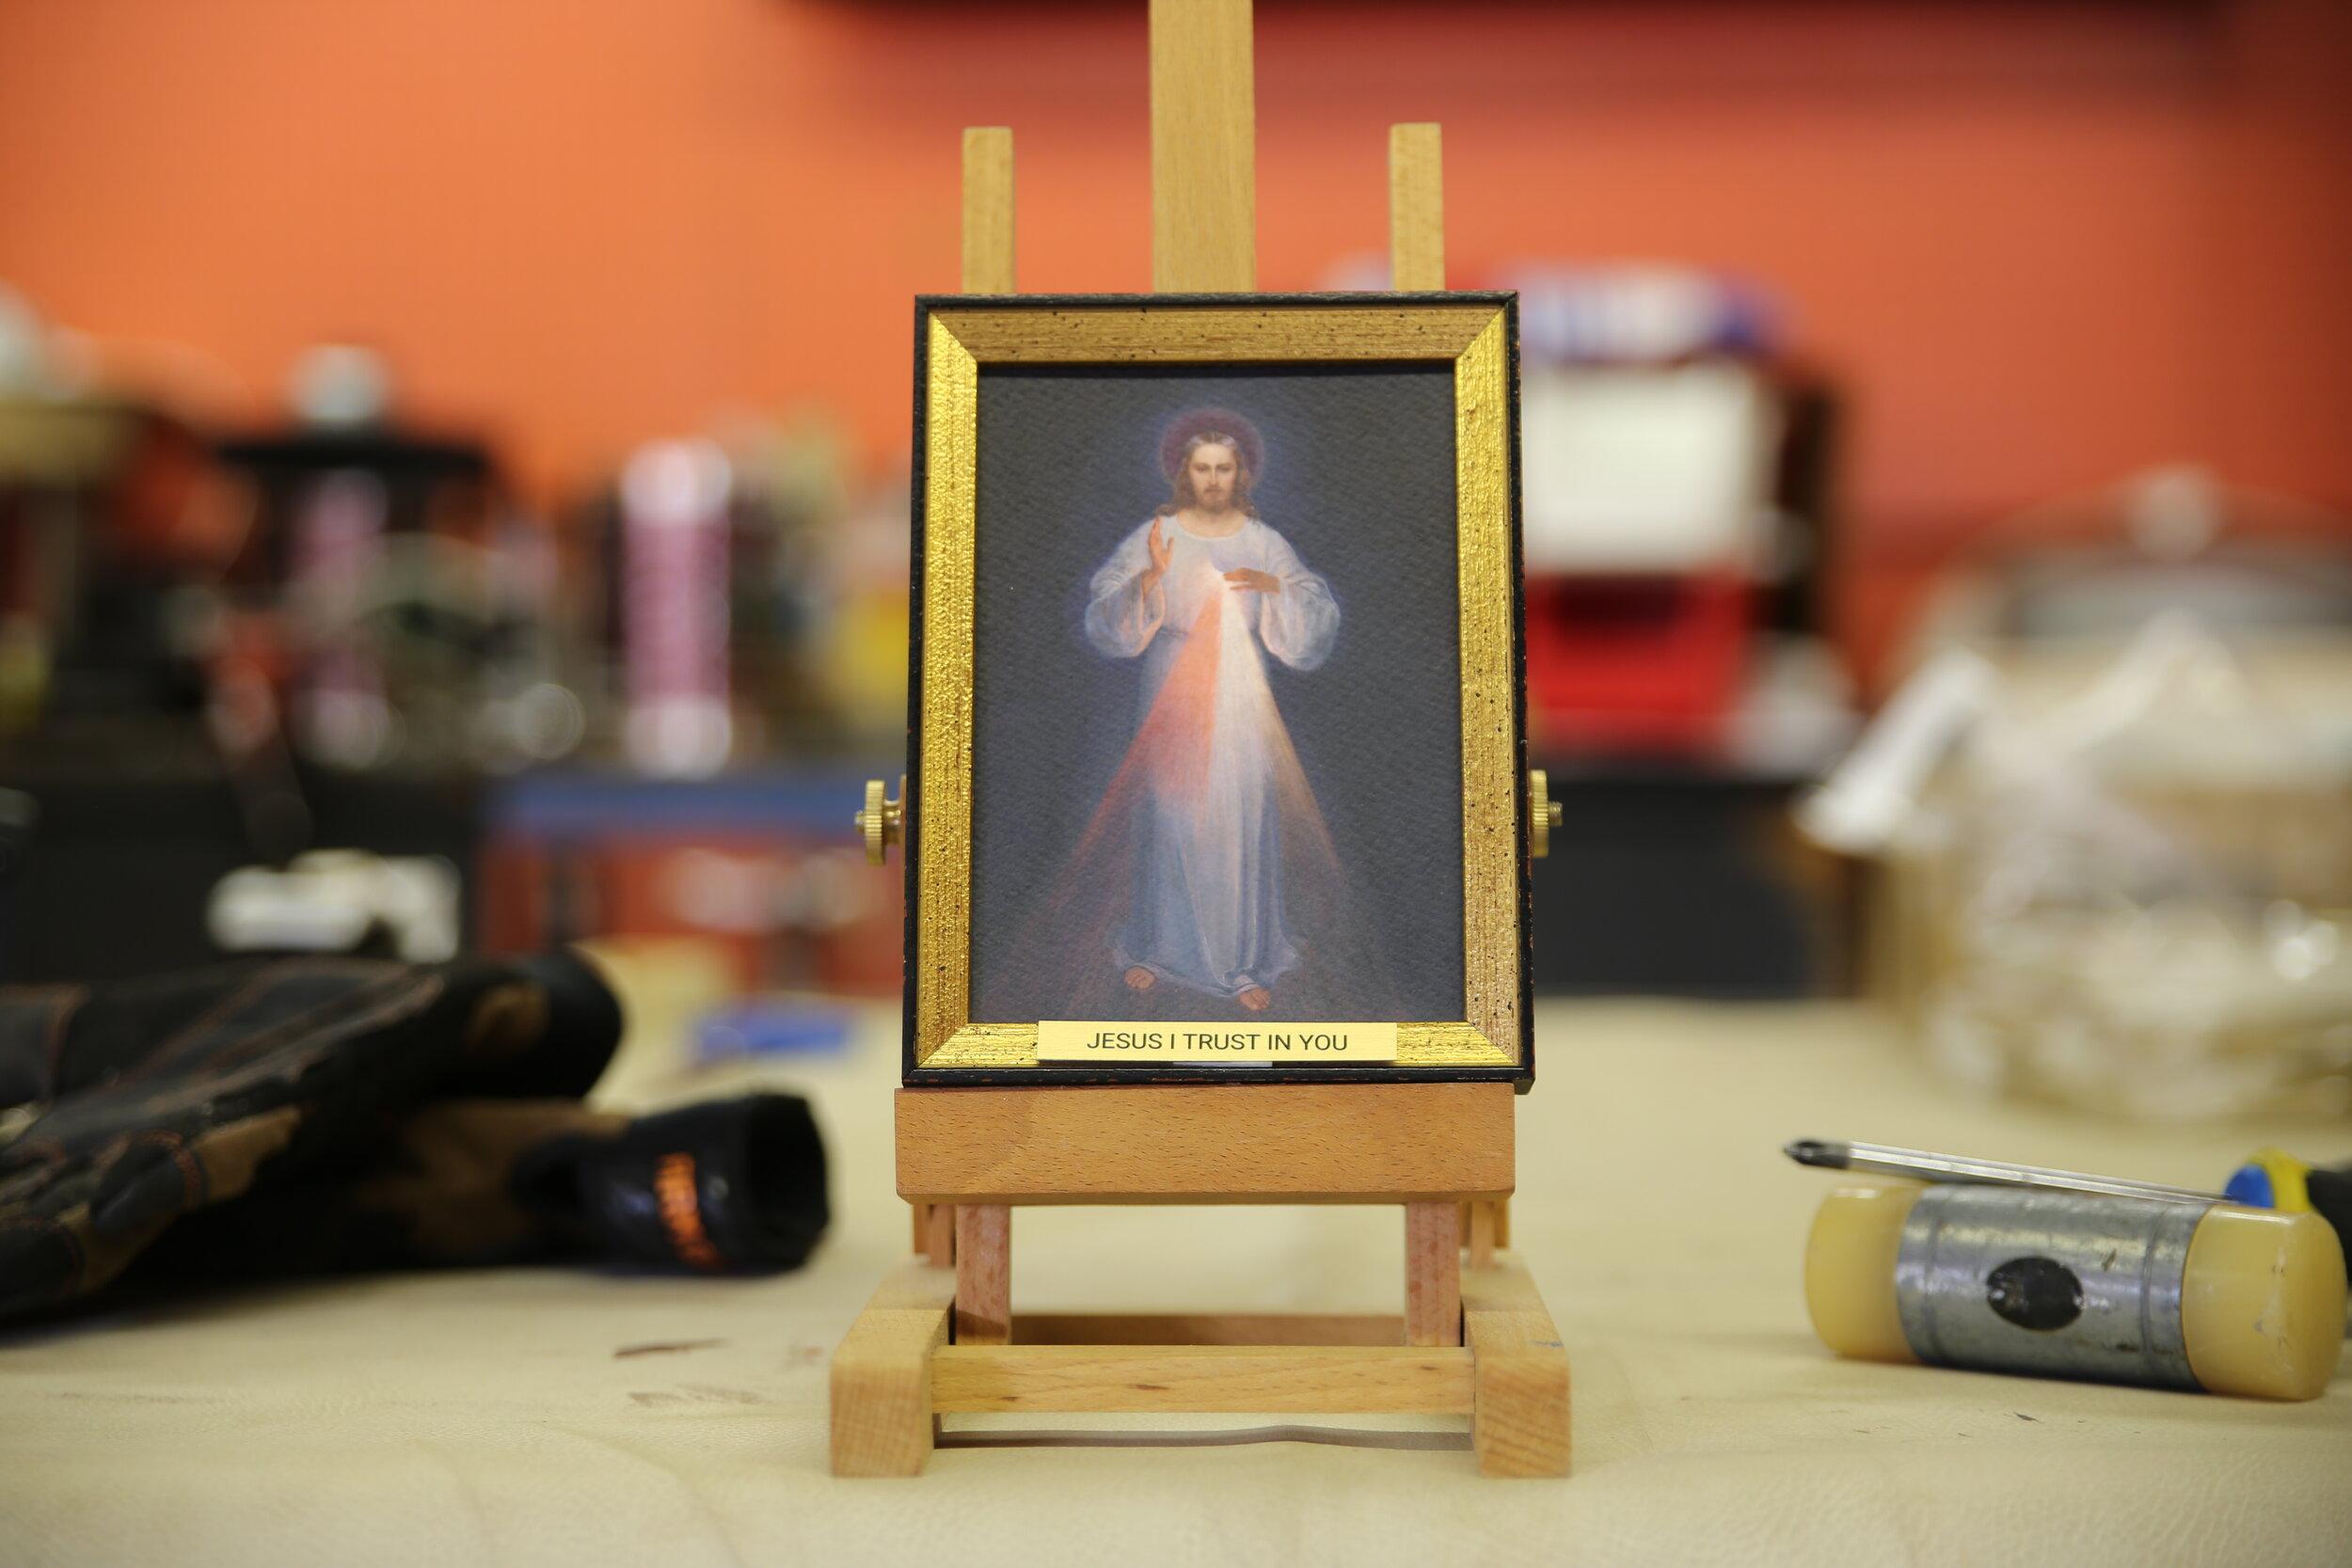 frame 101 4x5 5 original divine mercy frame 101 4x5 5 original divine mercy